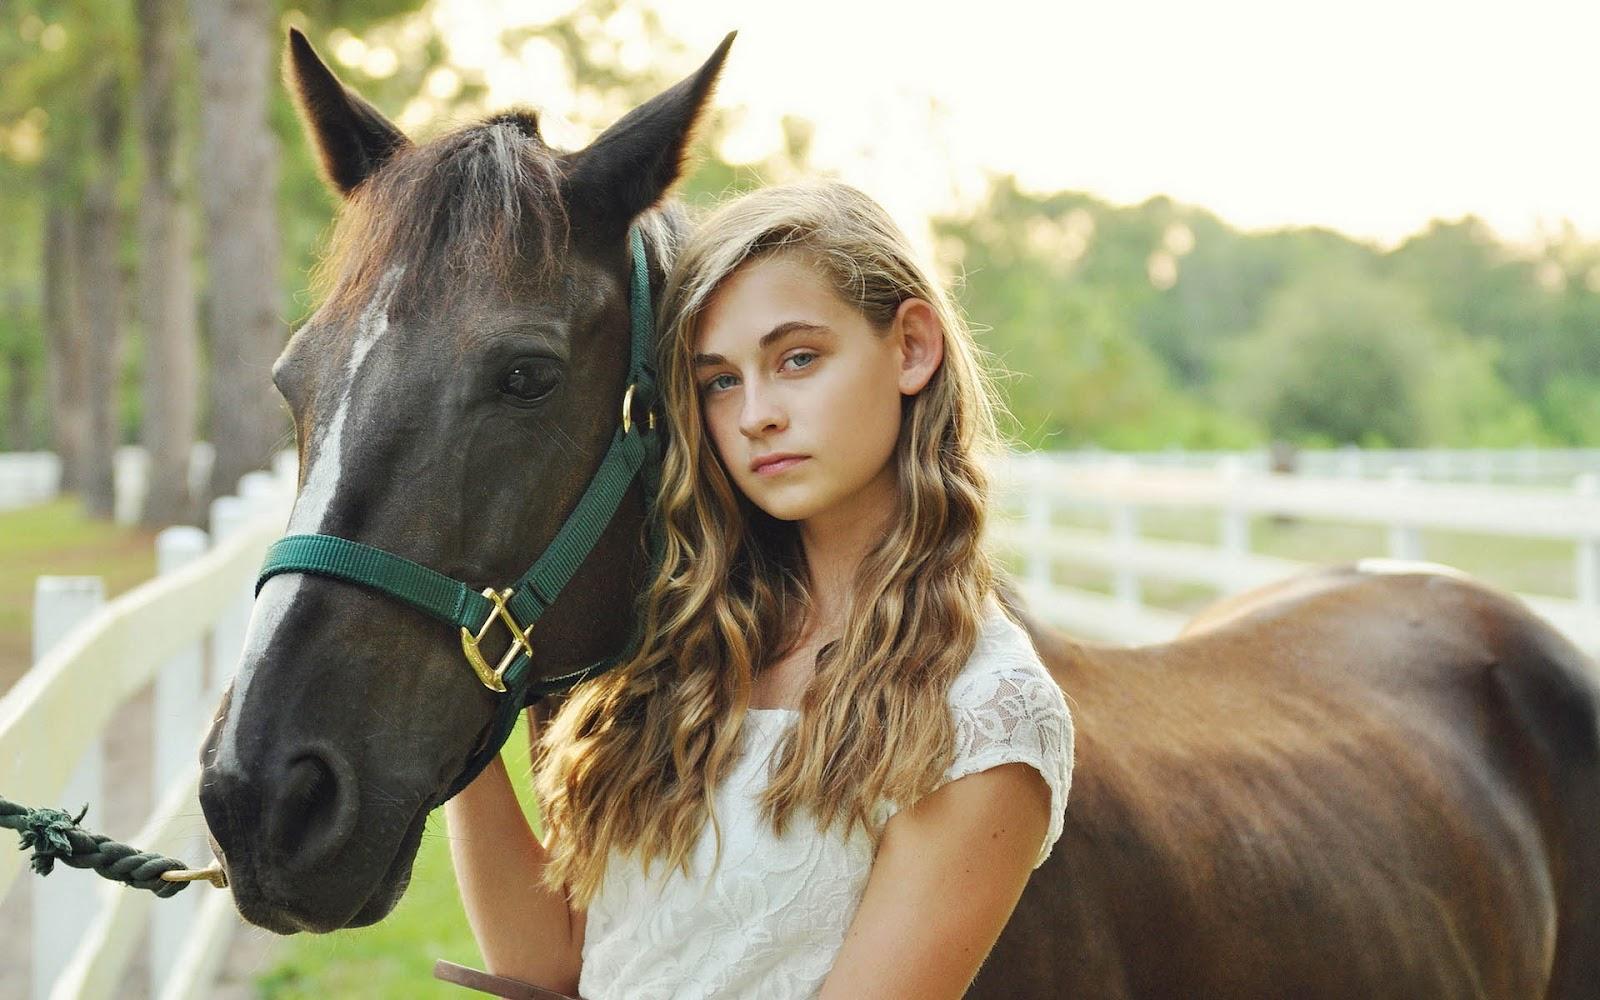 Wallpaper foto wallpapersafari - Kamer paard meisje ...